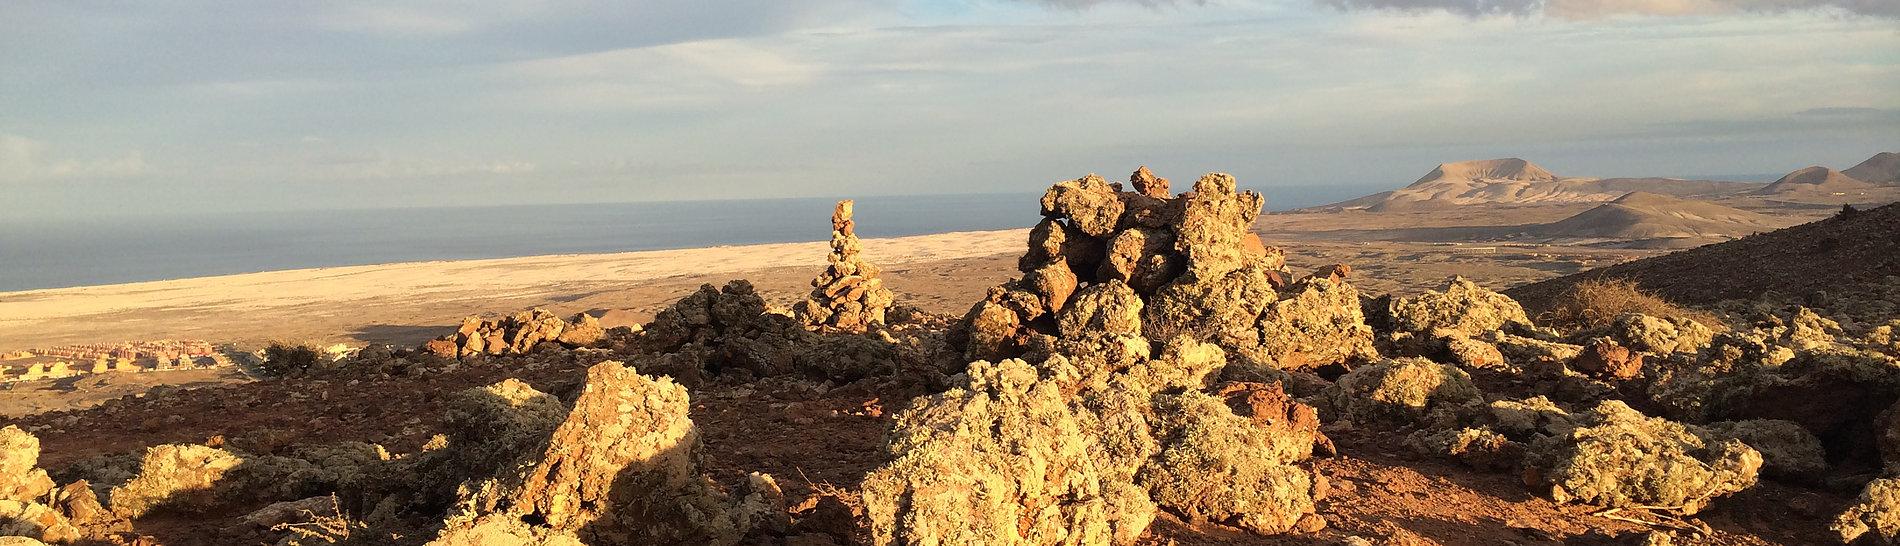 Fuerteventura_volcano